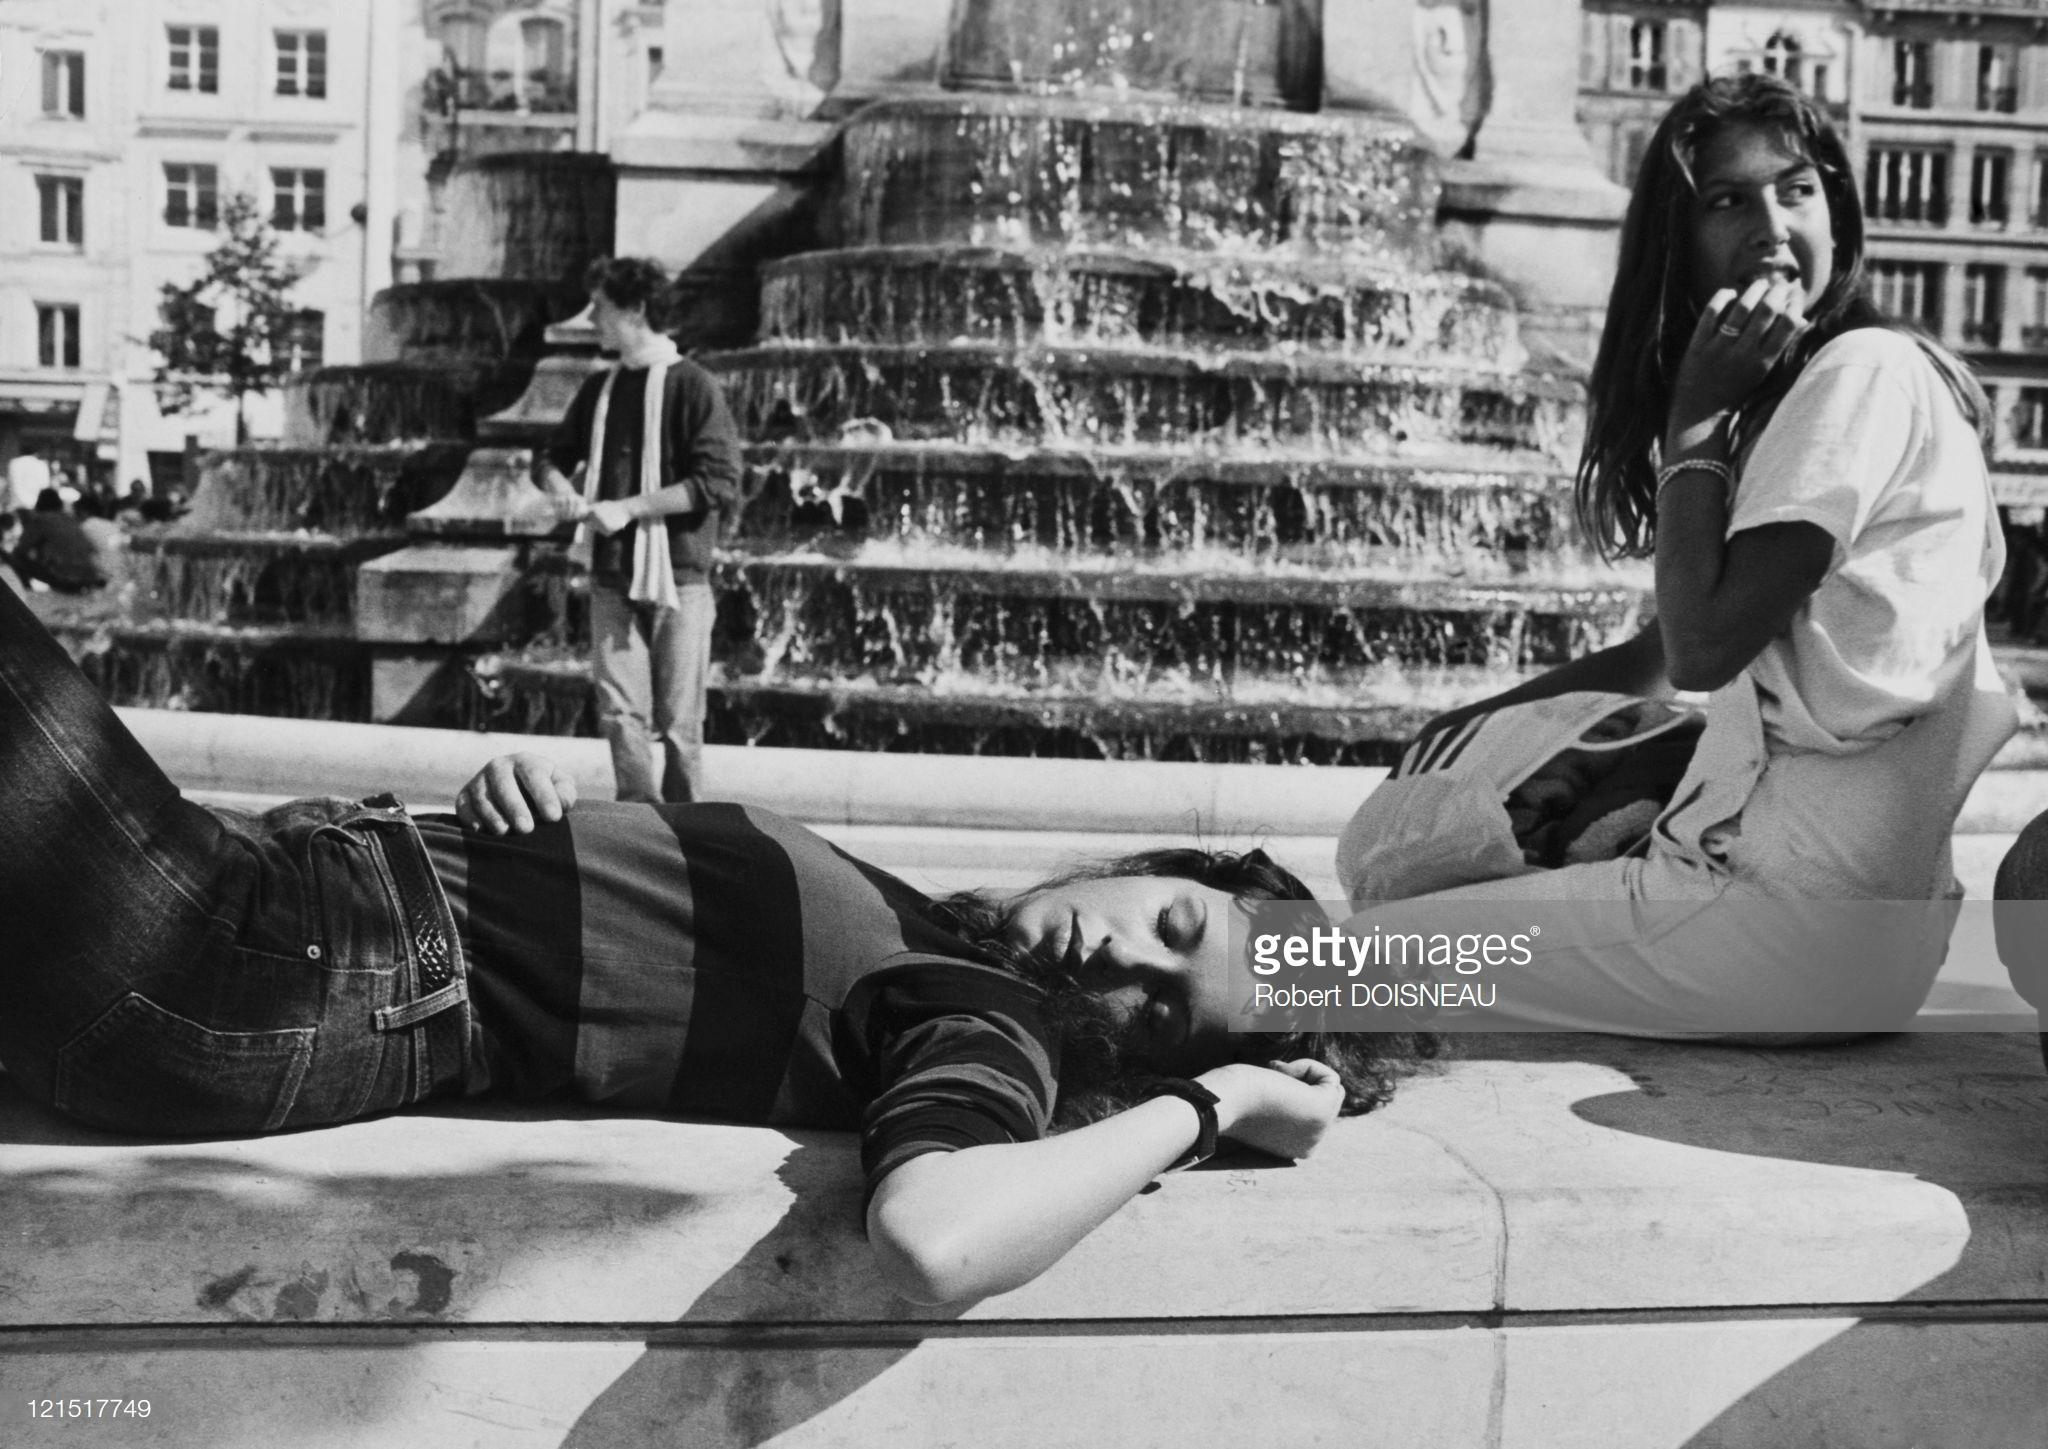 1967. Возле фонтана. Париж